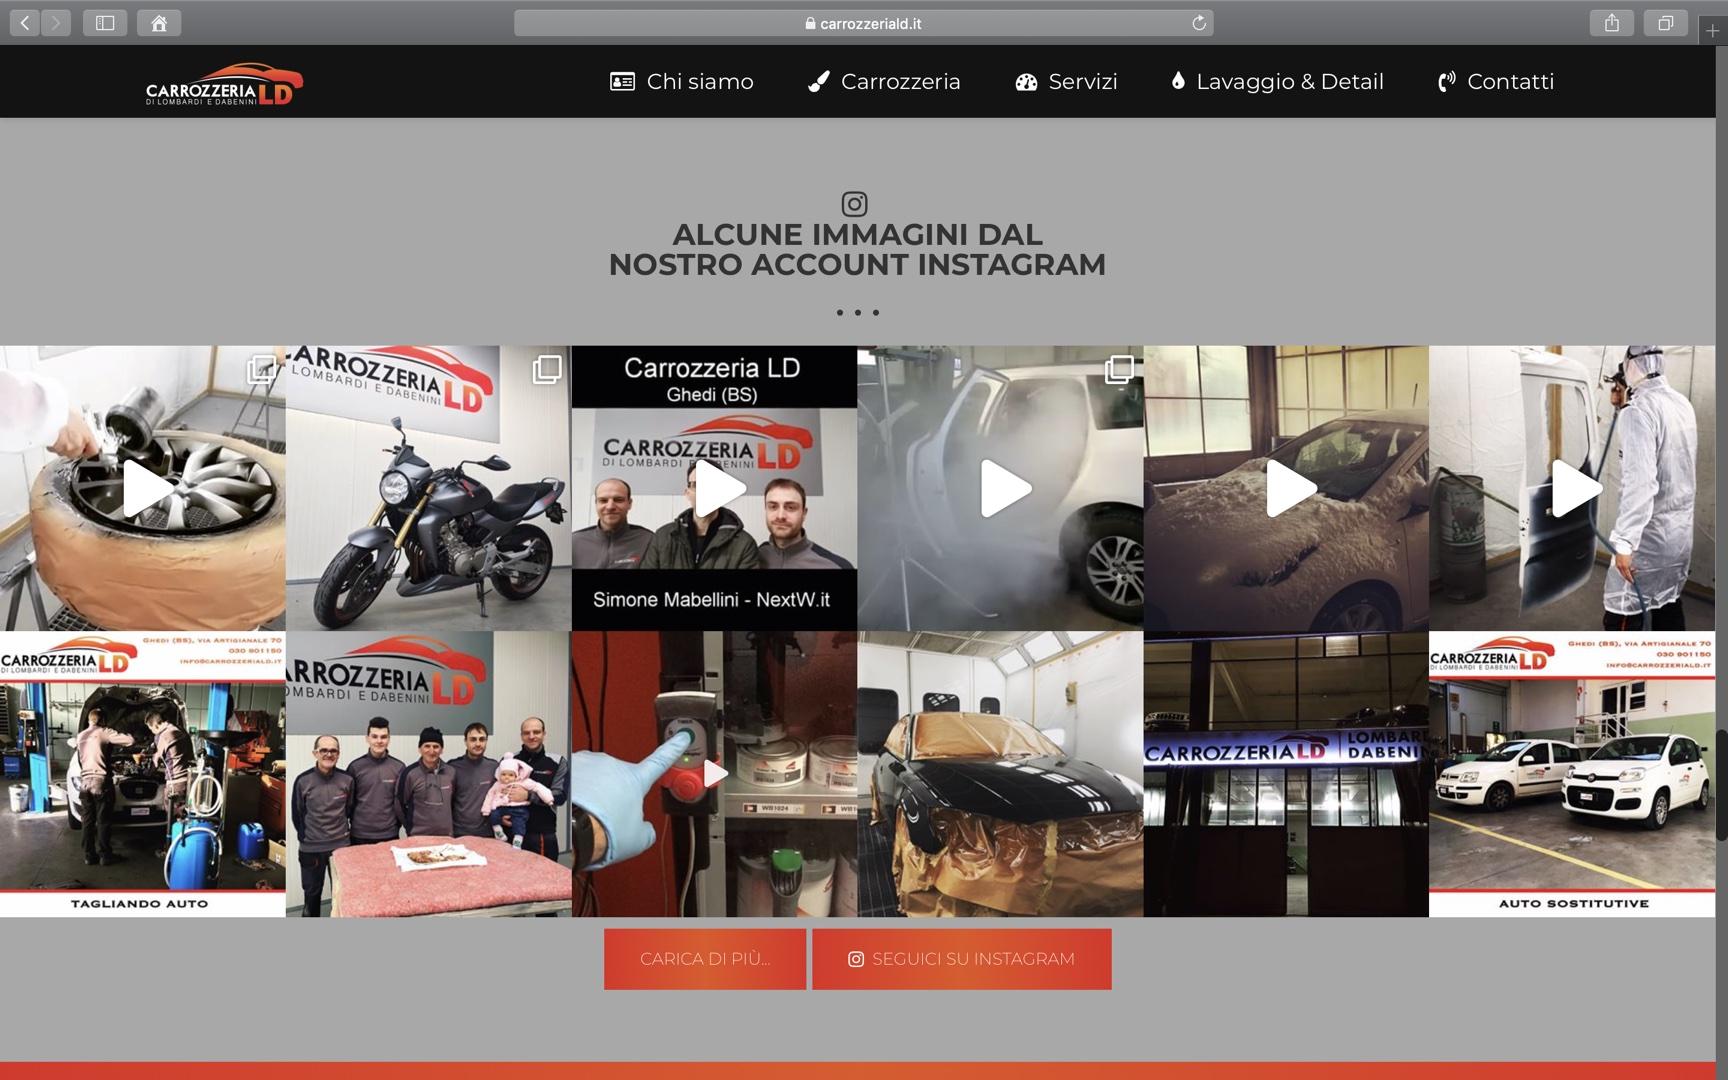 realizzazione-siti-web-ghedi-brescia-carrozzeria-ld-qappuccino_7